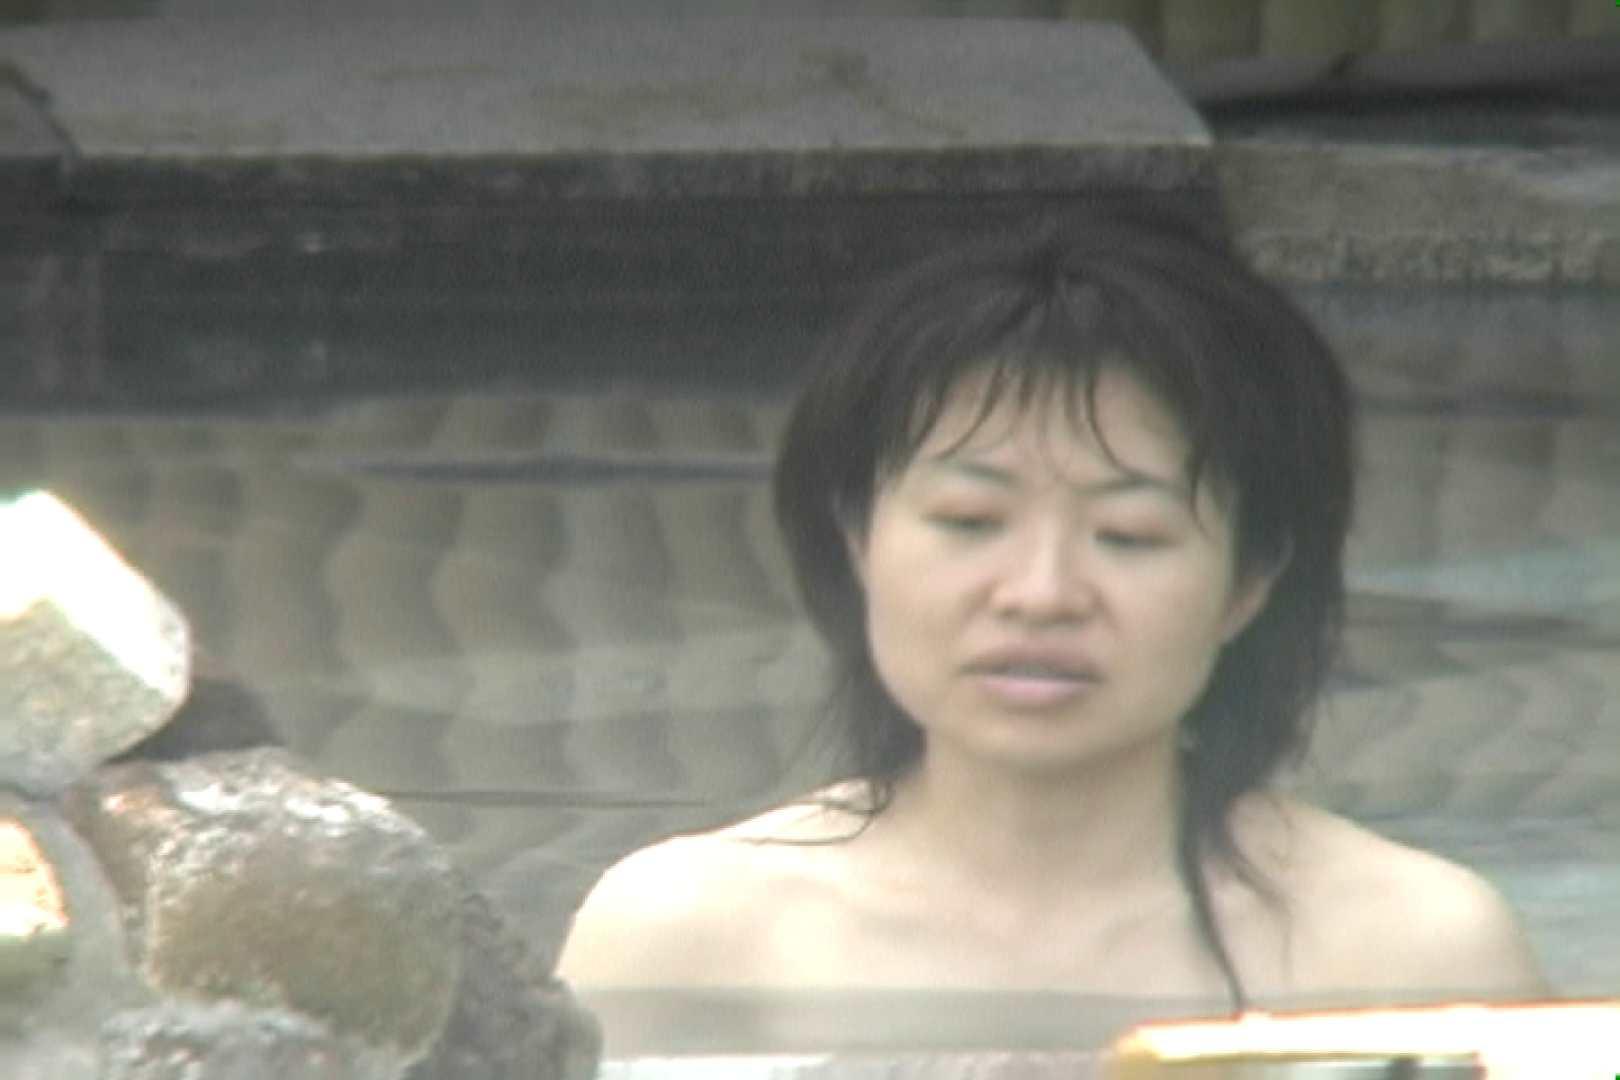 高画質露天女風呂観察 vol.012 OLセックス 盗撮われめAV動画紹介 100画像 51